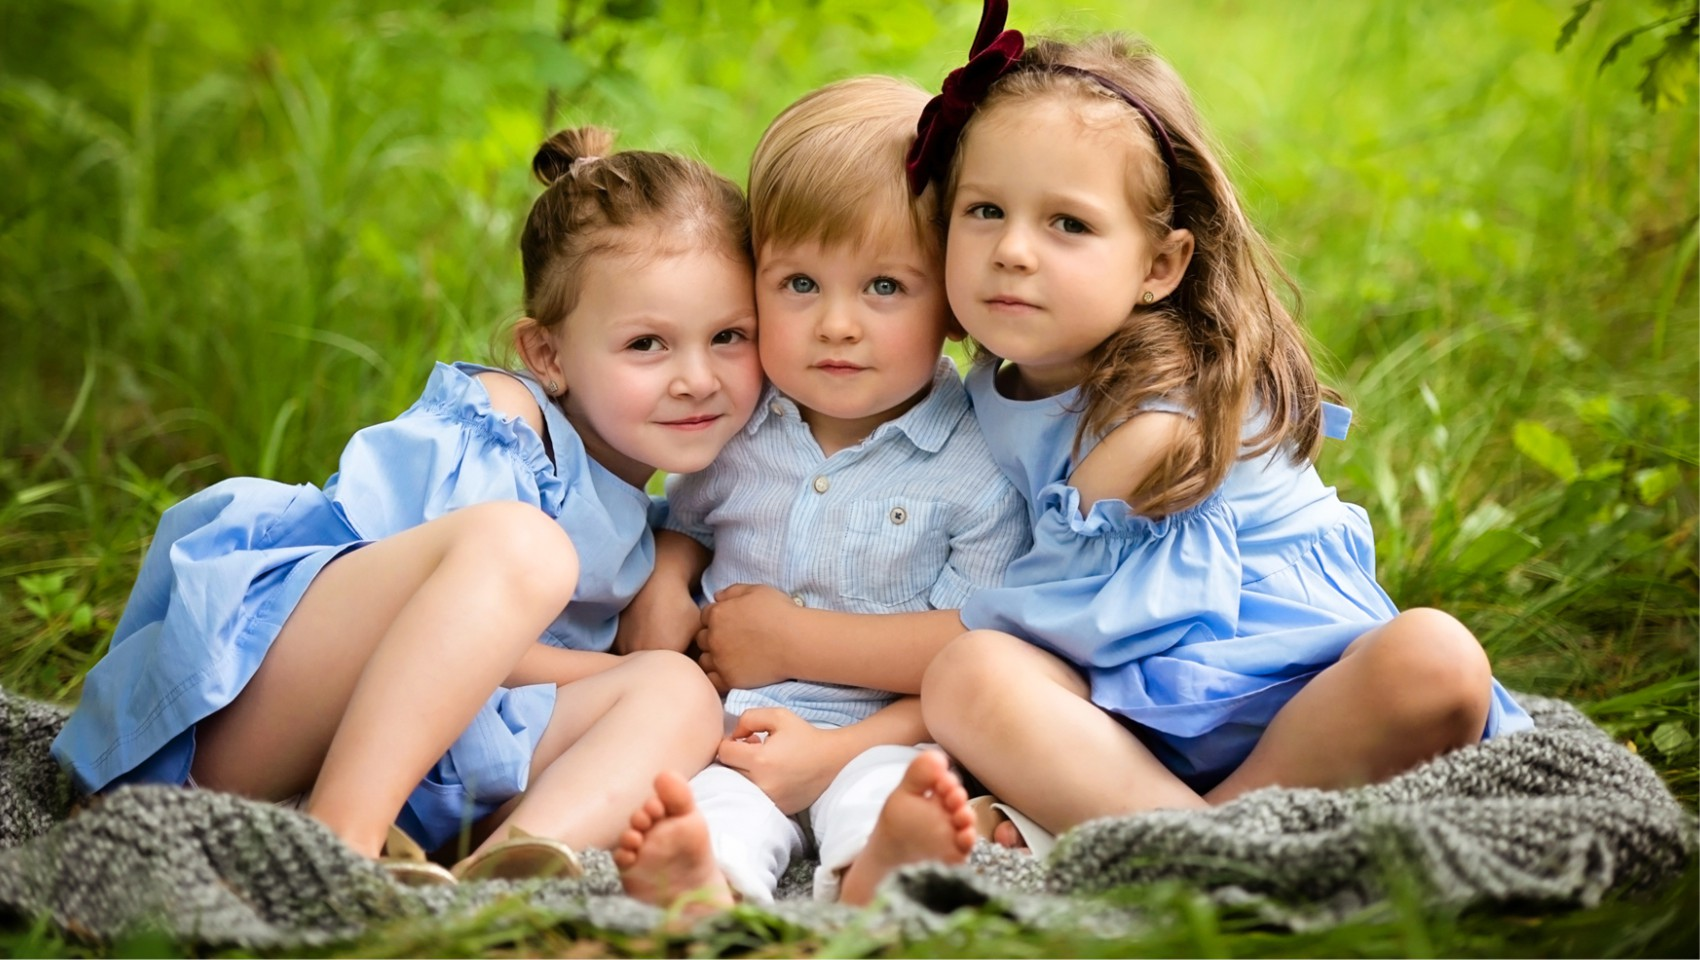 Sesje dziecięce, rodzinne